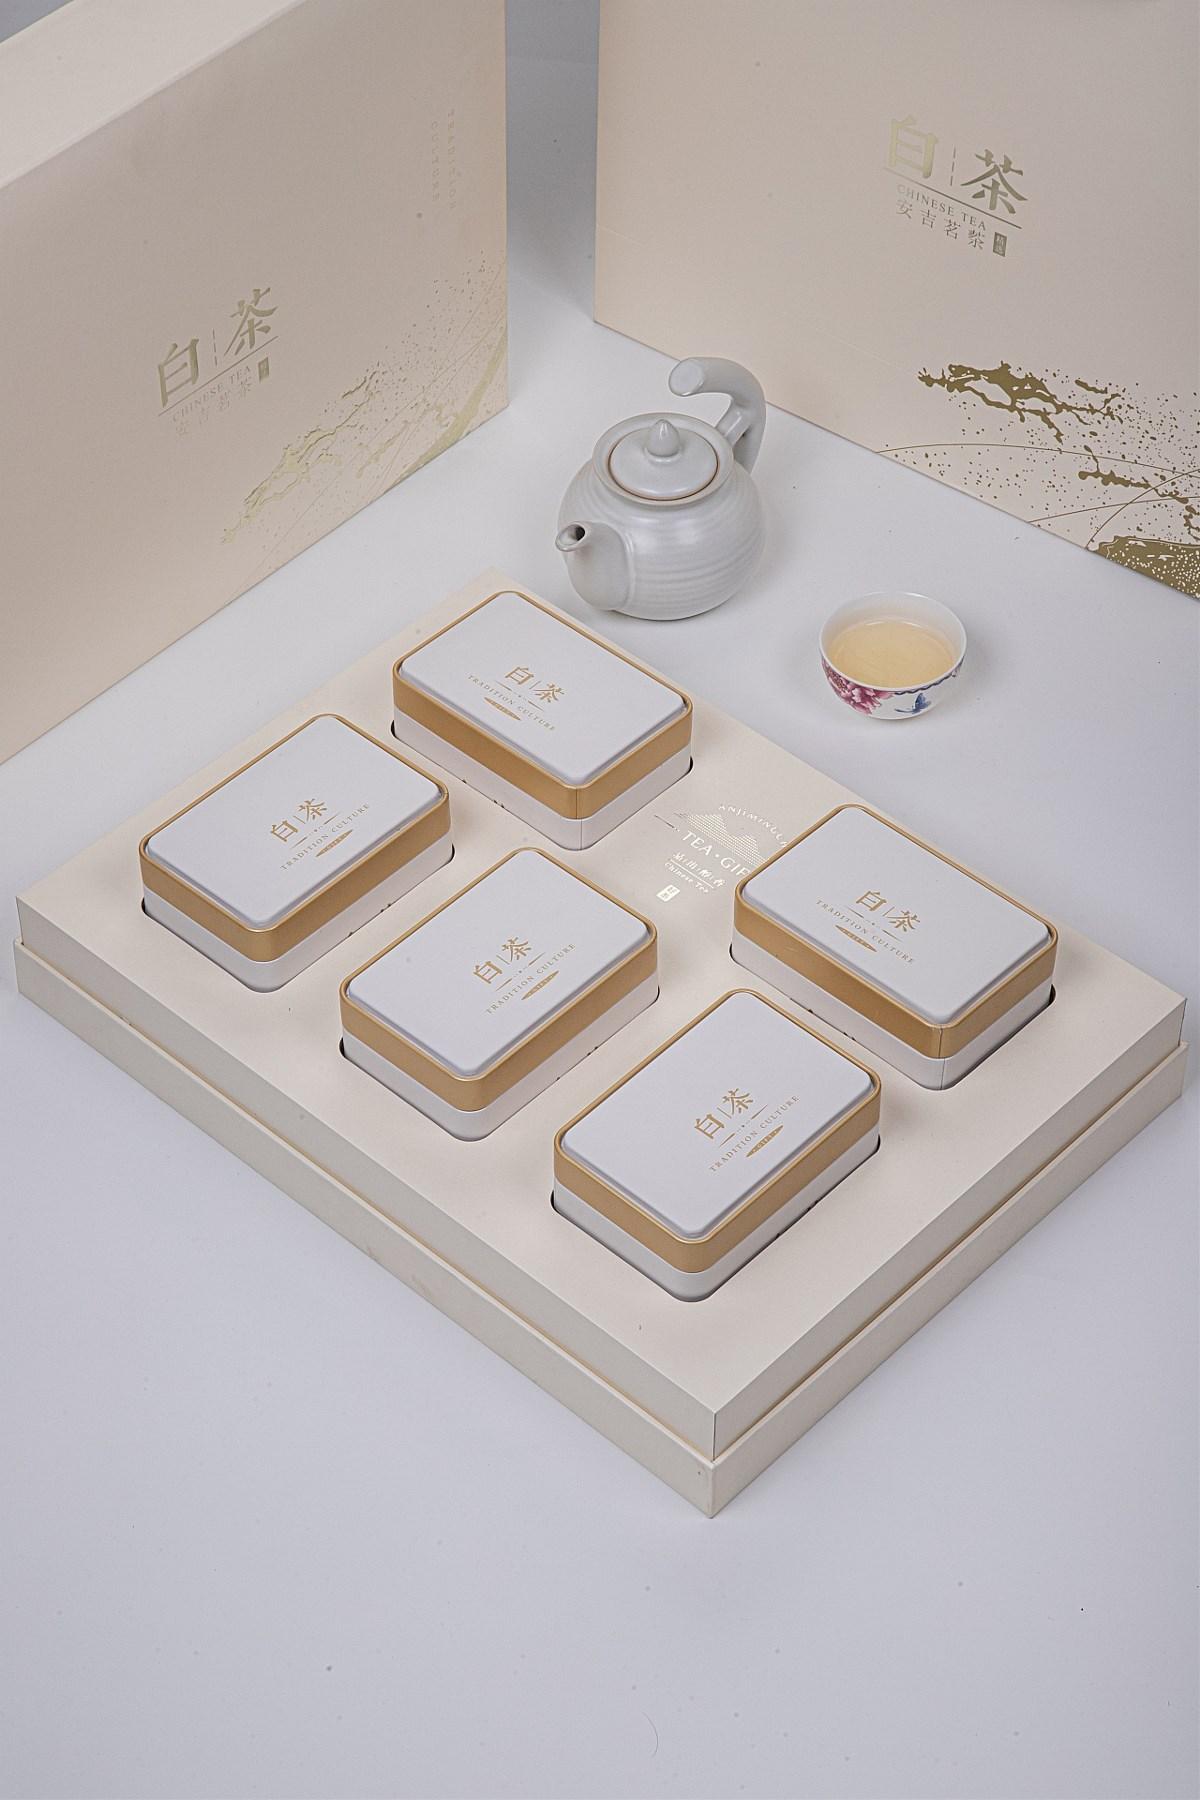 白茶系列拍摄